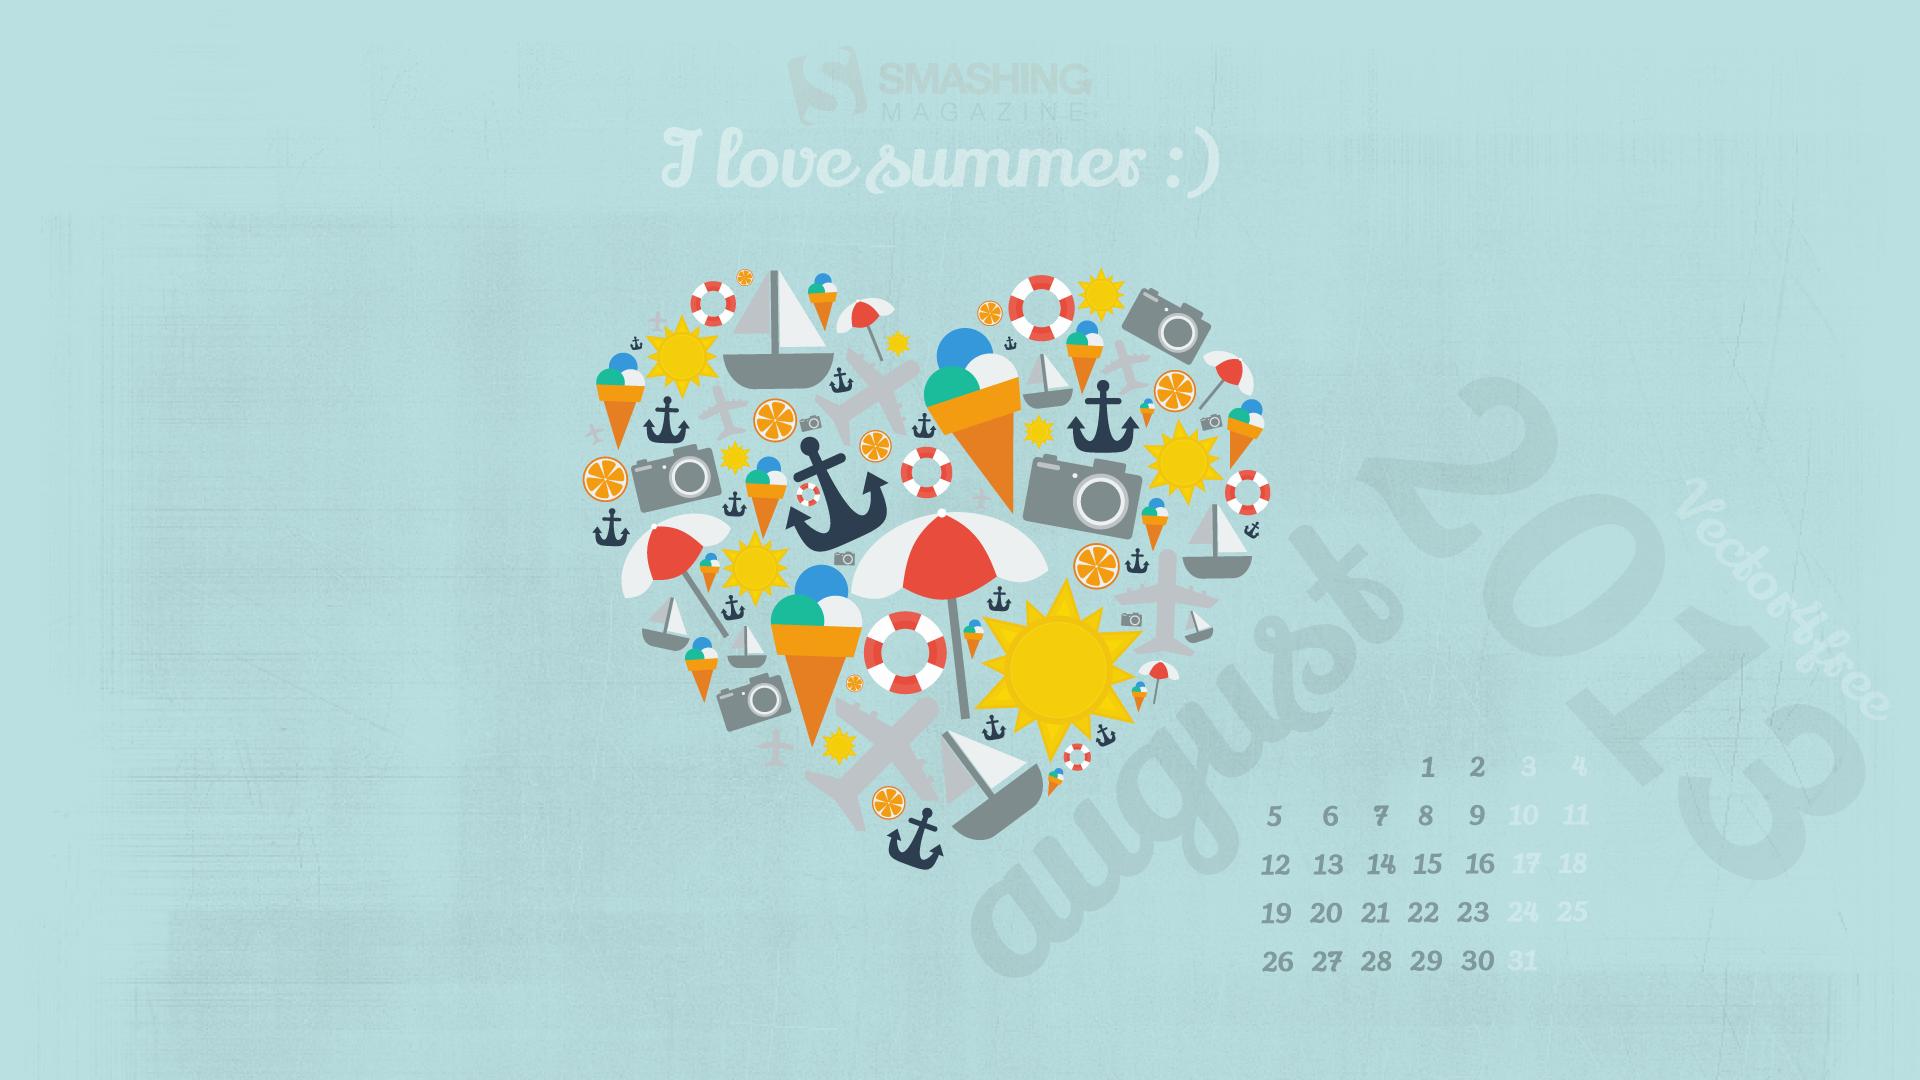 august wallpaper calendar of - photo #35